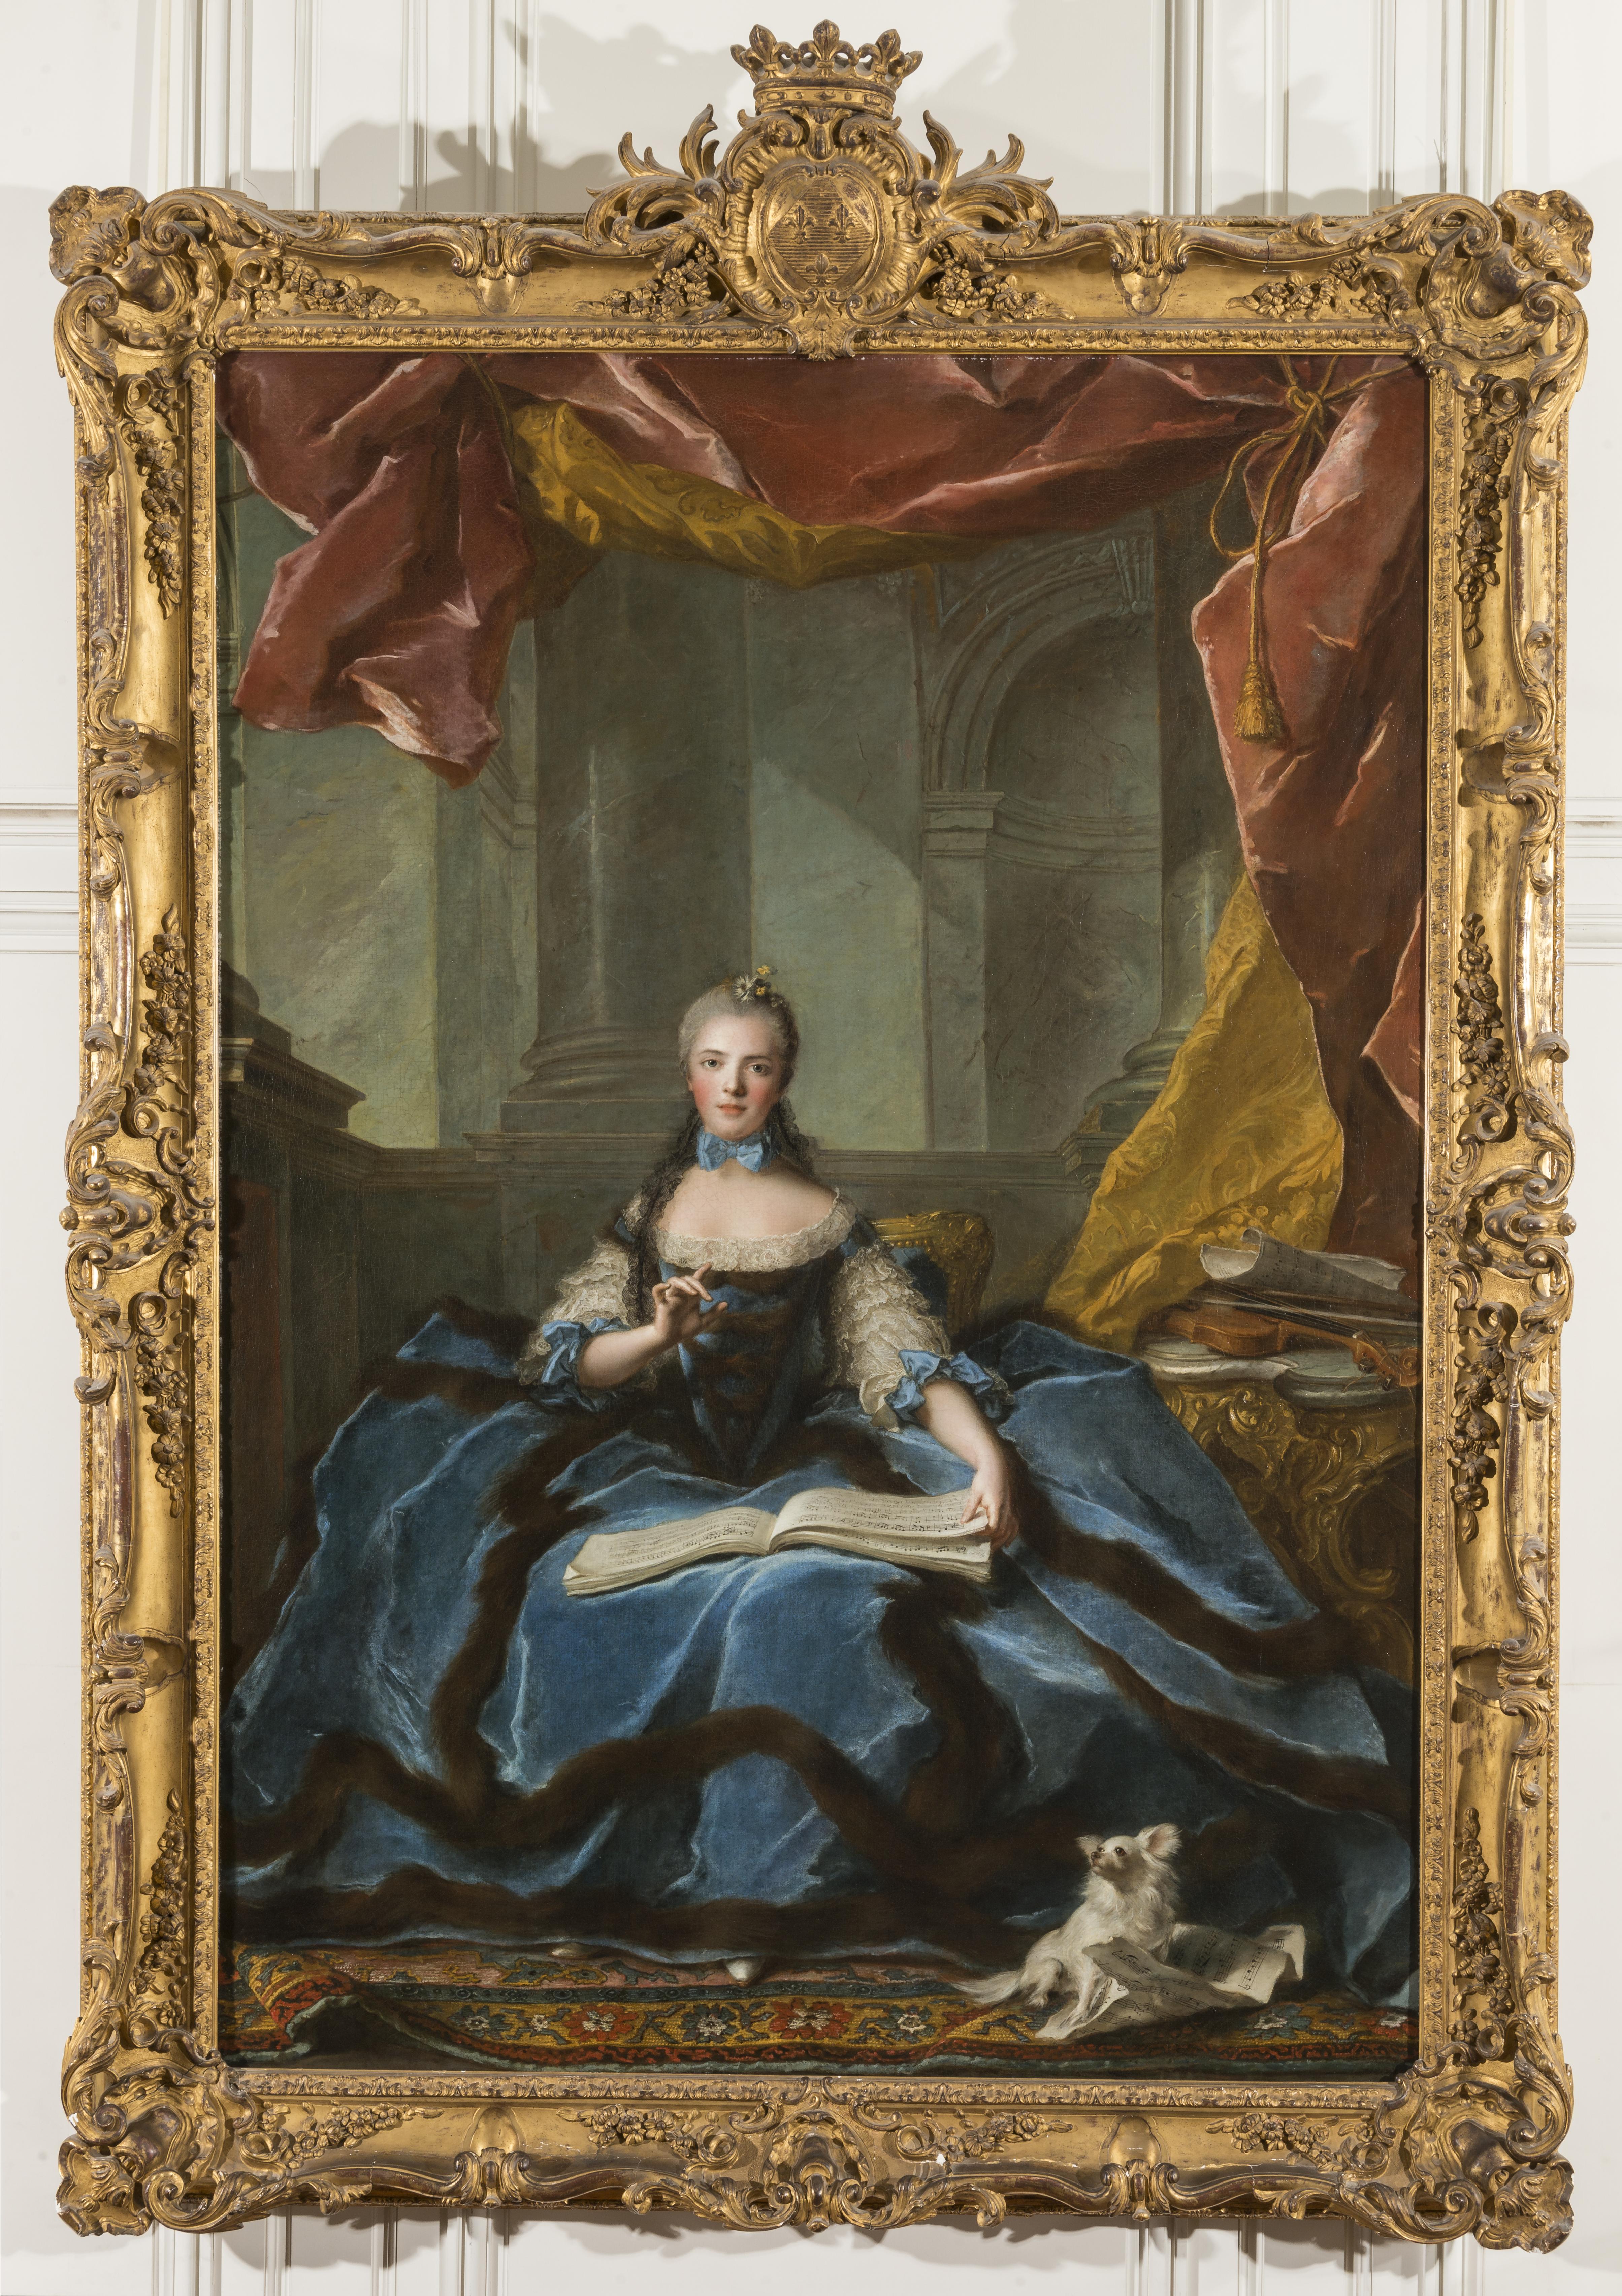 Madame Adelaïde de France (1732-1800), fille de Louis XV Nattier Jean-Marc (1685-1766)Versailles, Huile sur toile, 1758 © RMN-Grand Palais (Château de Versailles) / Christophe Fouin